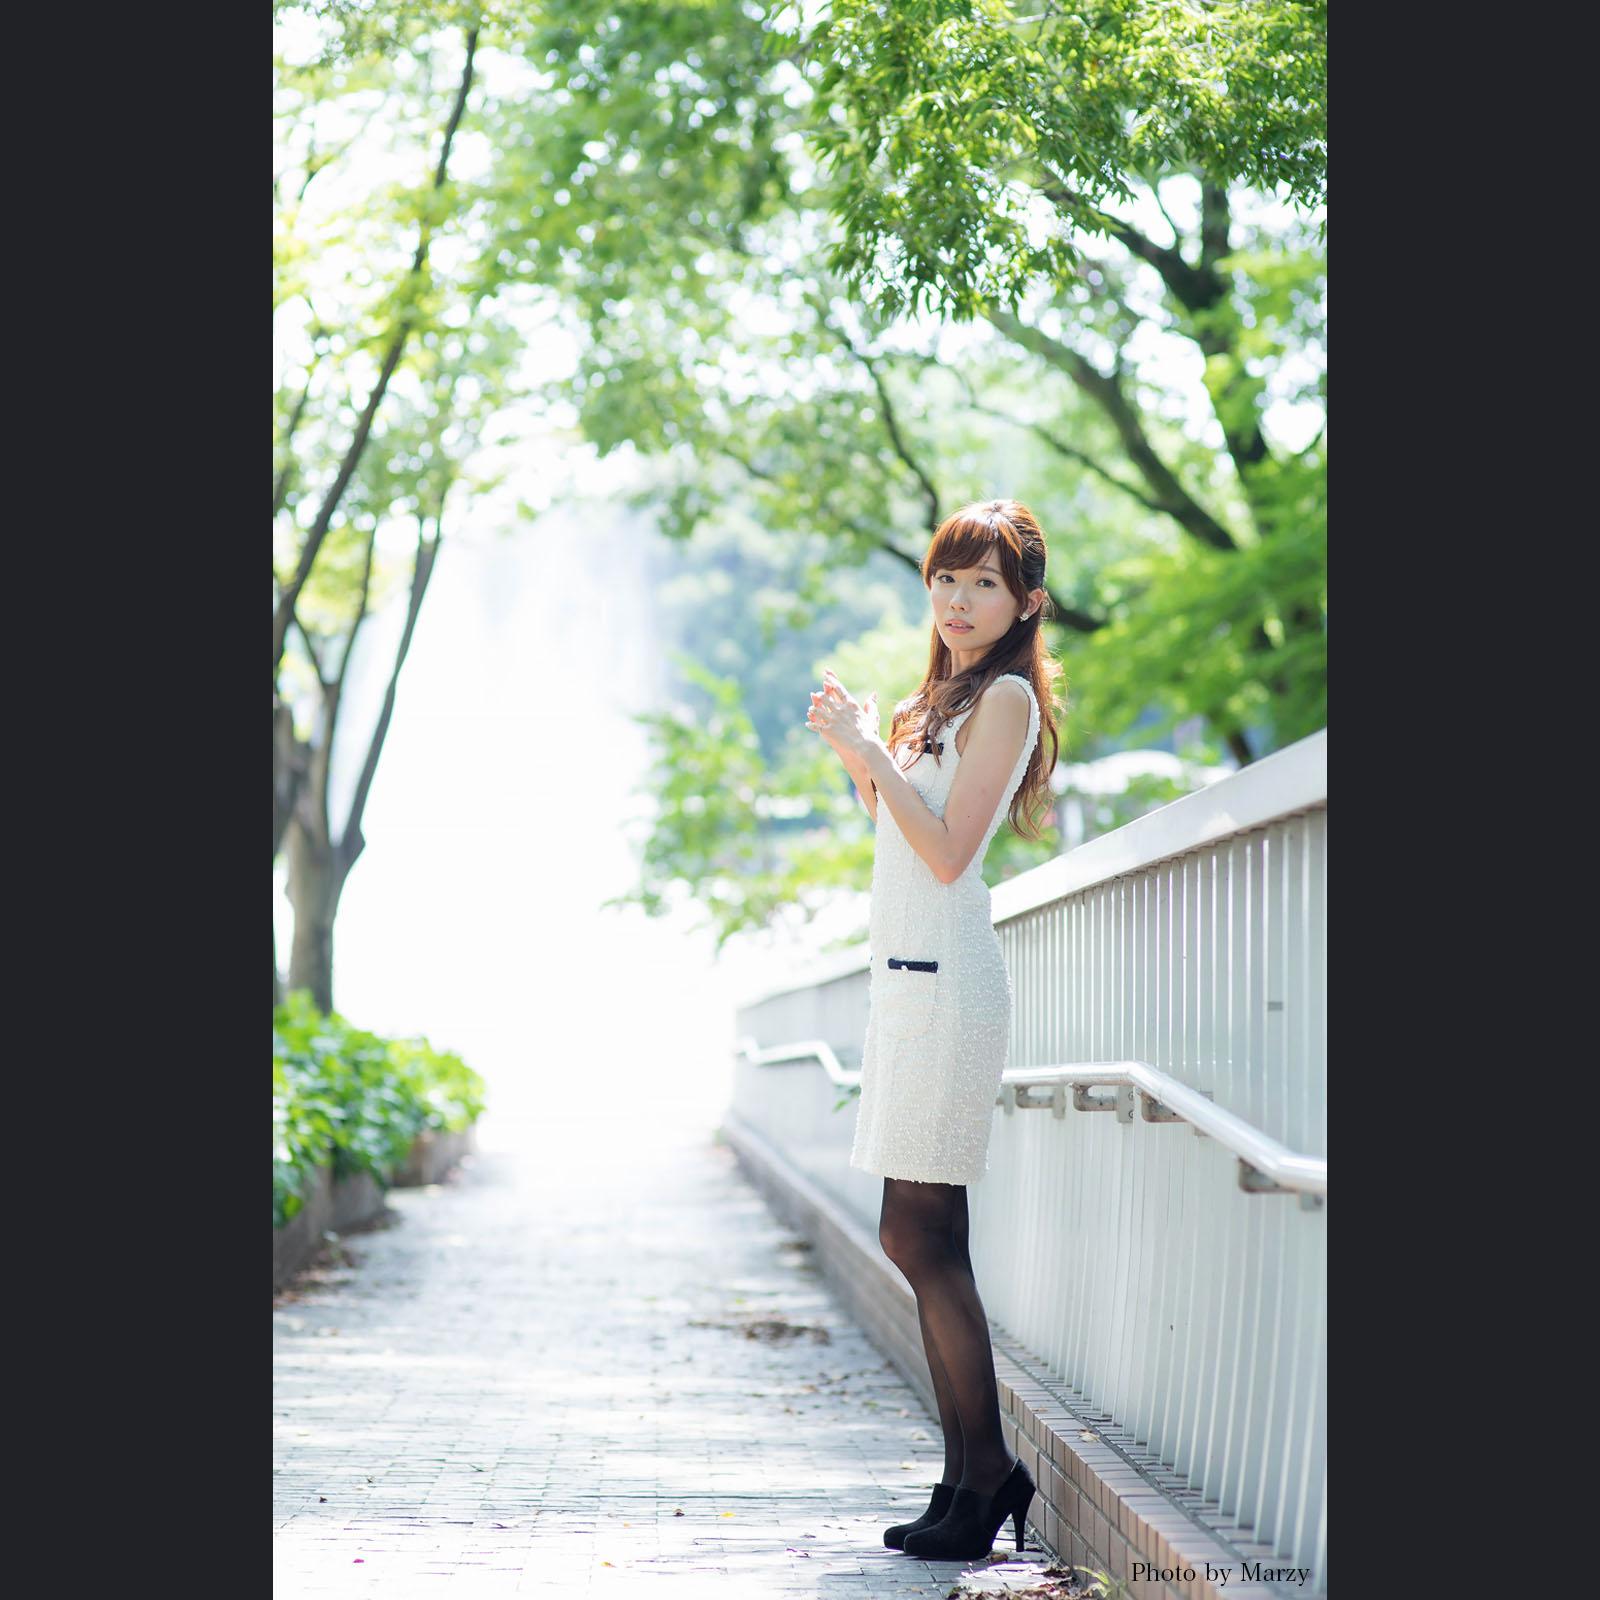 f0269385_815361.jpg